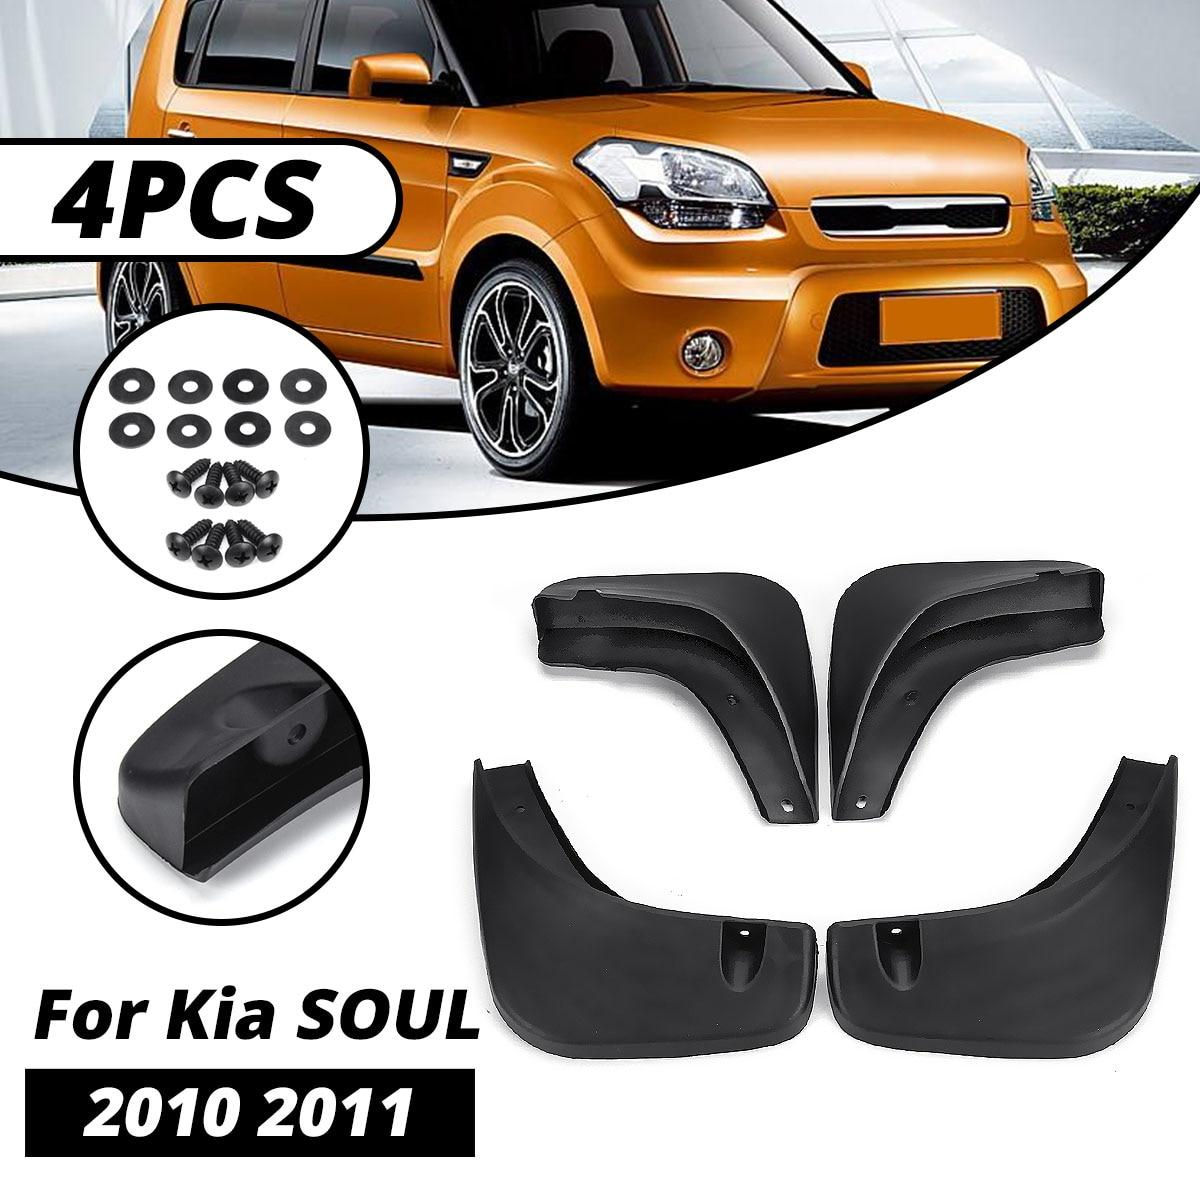 Для Kia Soul 2010 2011 2012 Автомобильные Брызговики крыло брызговики автоматические Брызговики аксессуары для брызговиков